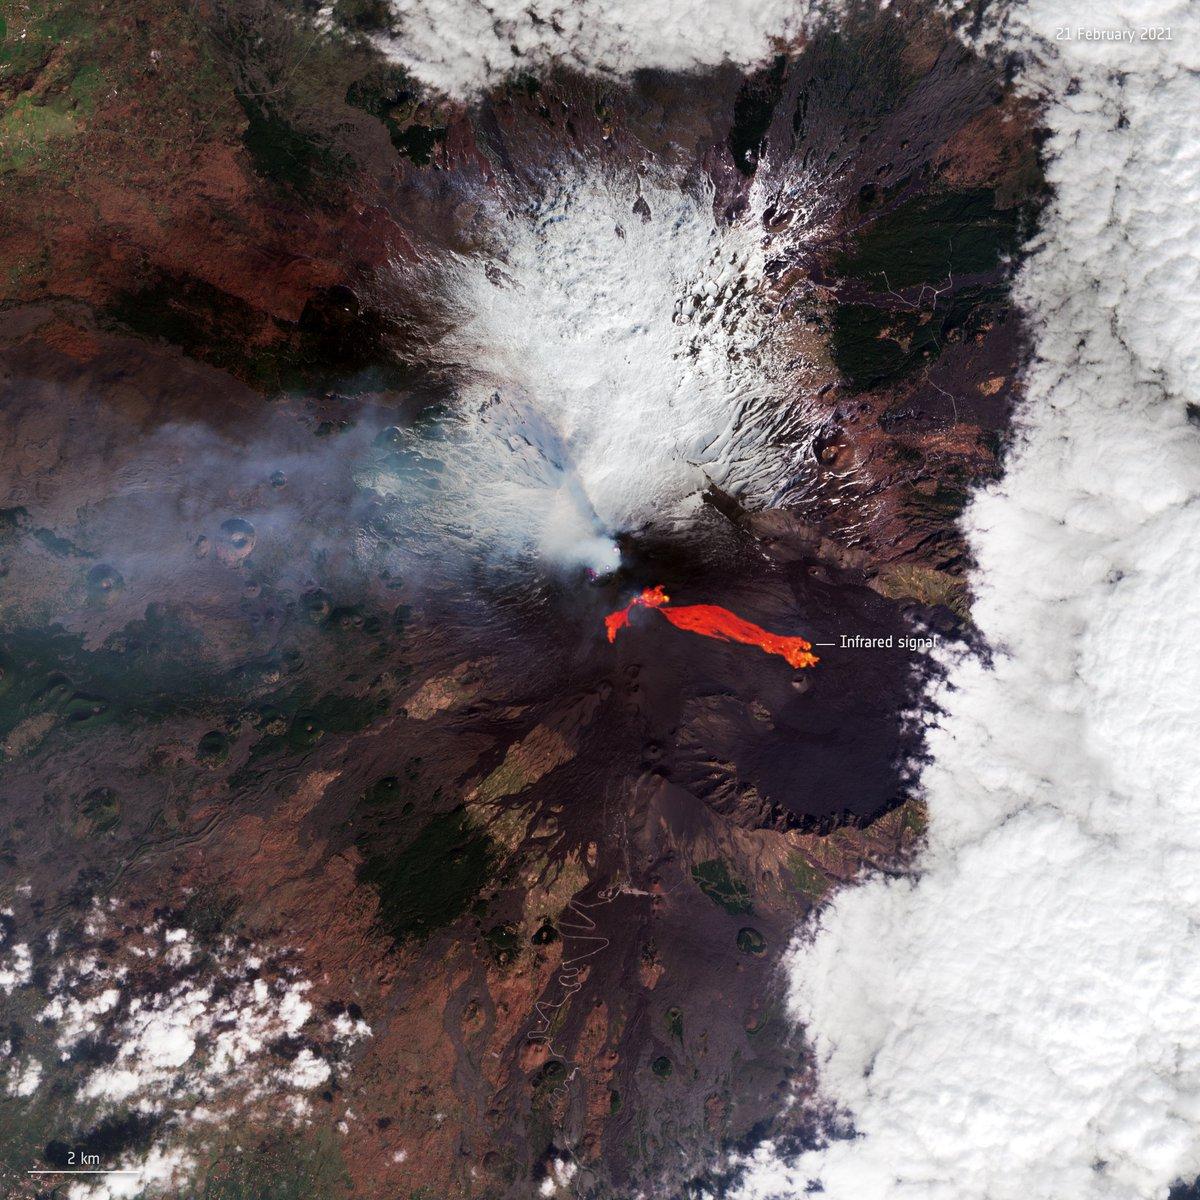 @CopernicusEU Nouvelle image de l#Etna 🌋 en éruption, prise par le satellite @CopernicusEU #Sentinel2 le 21 février 2021. (📷: contient des données Copernicus Sentinel modifiées [2021], traitées par lESA, CC BY-SA 3.0 IGO)